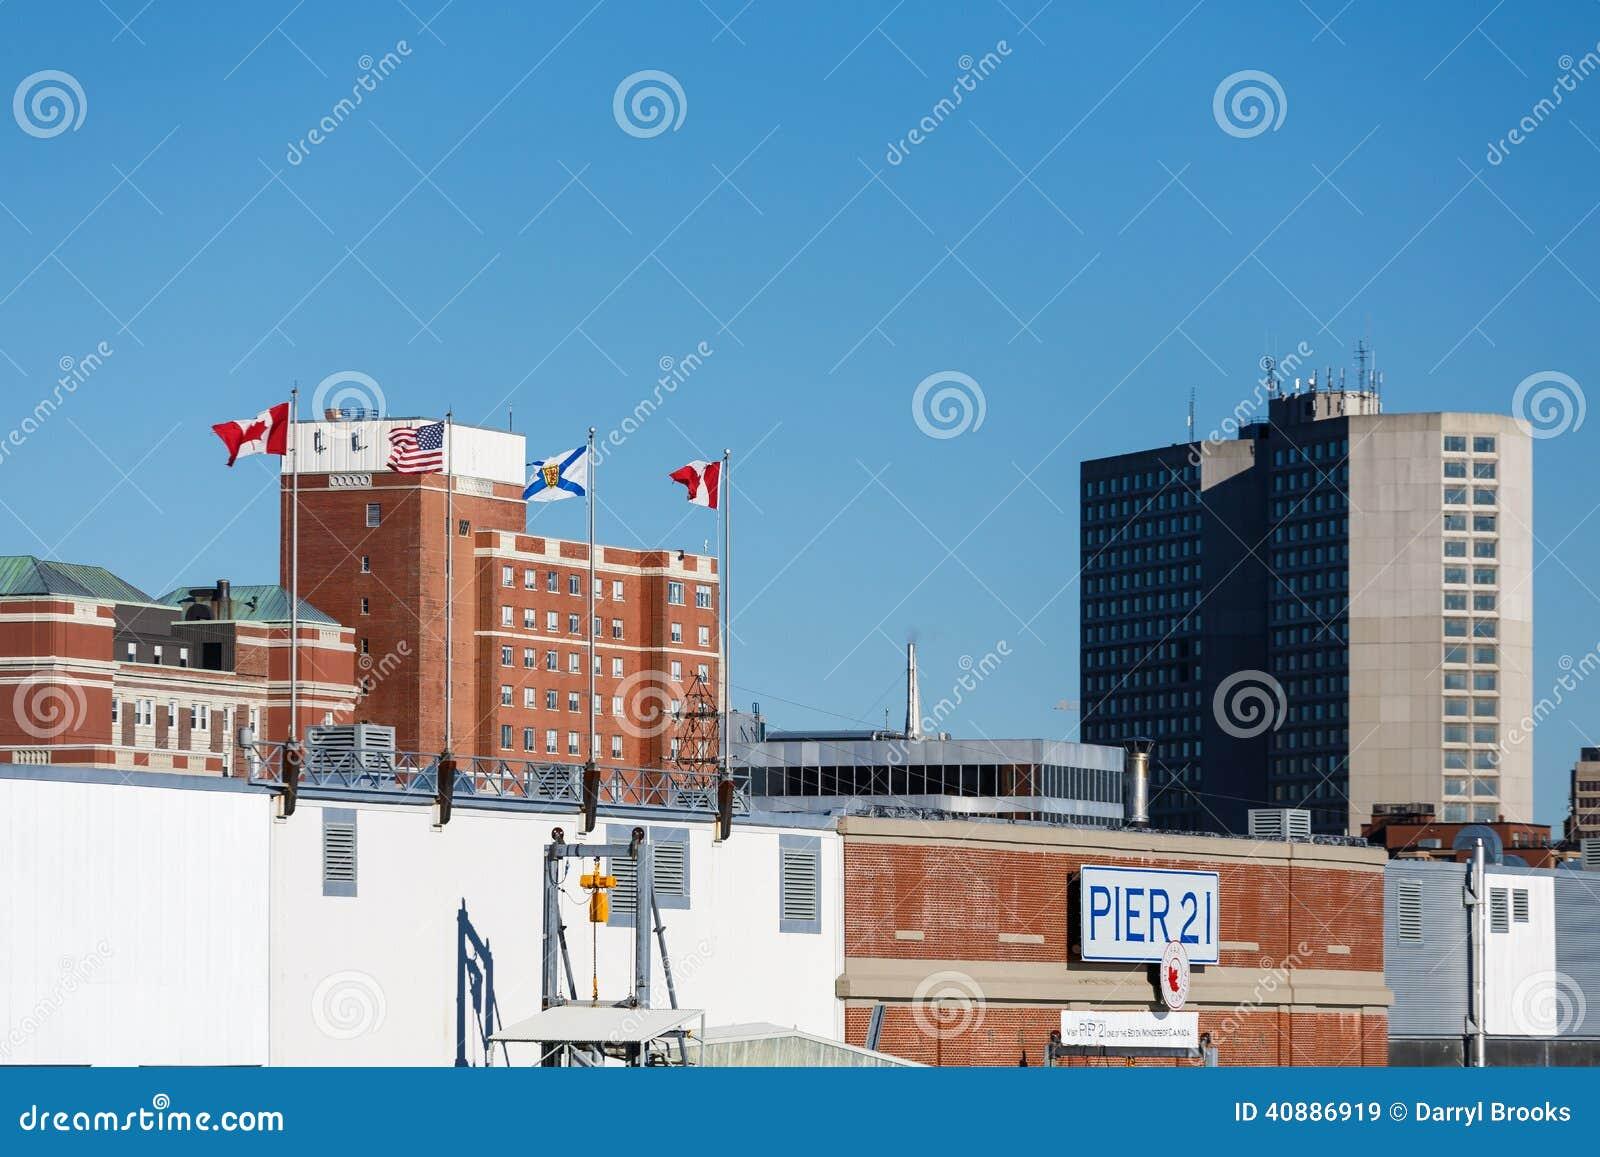 Pier 21 in Halifax